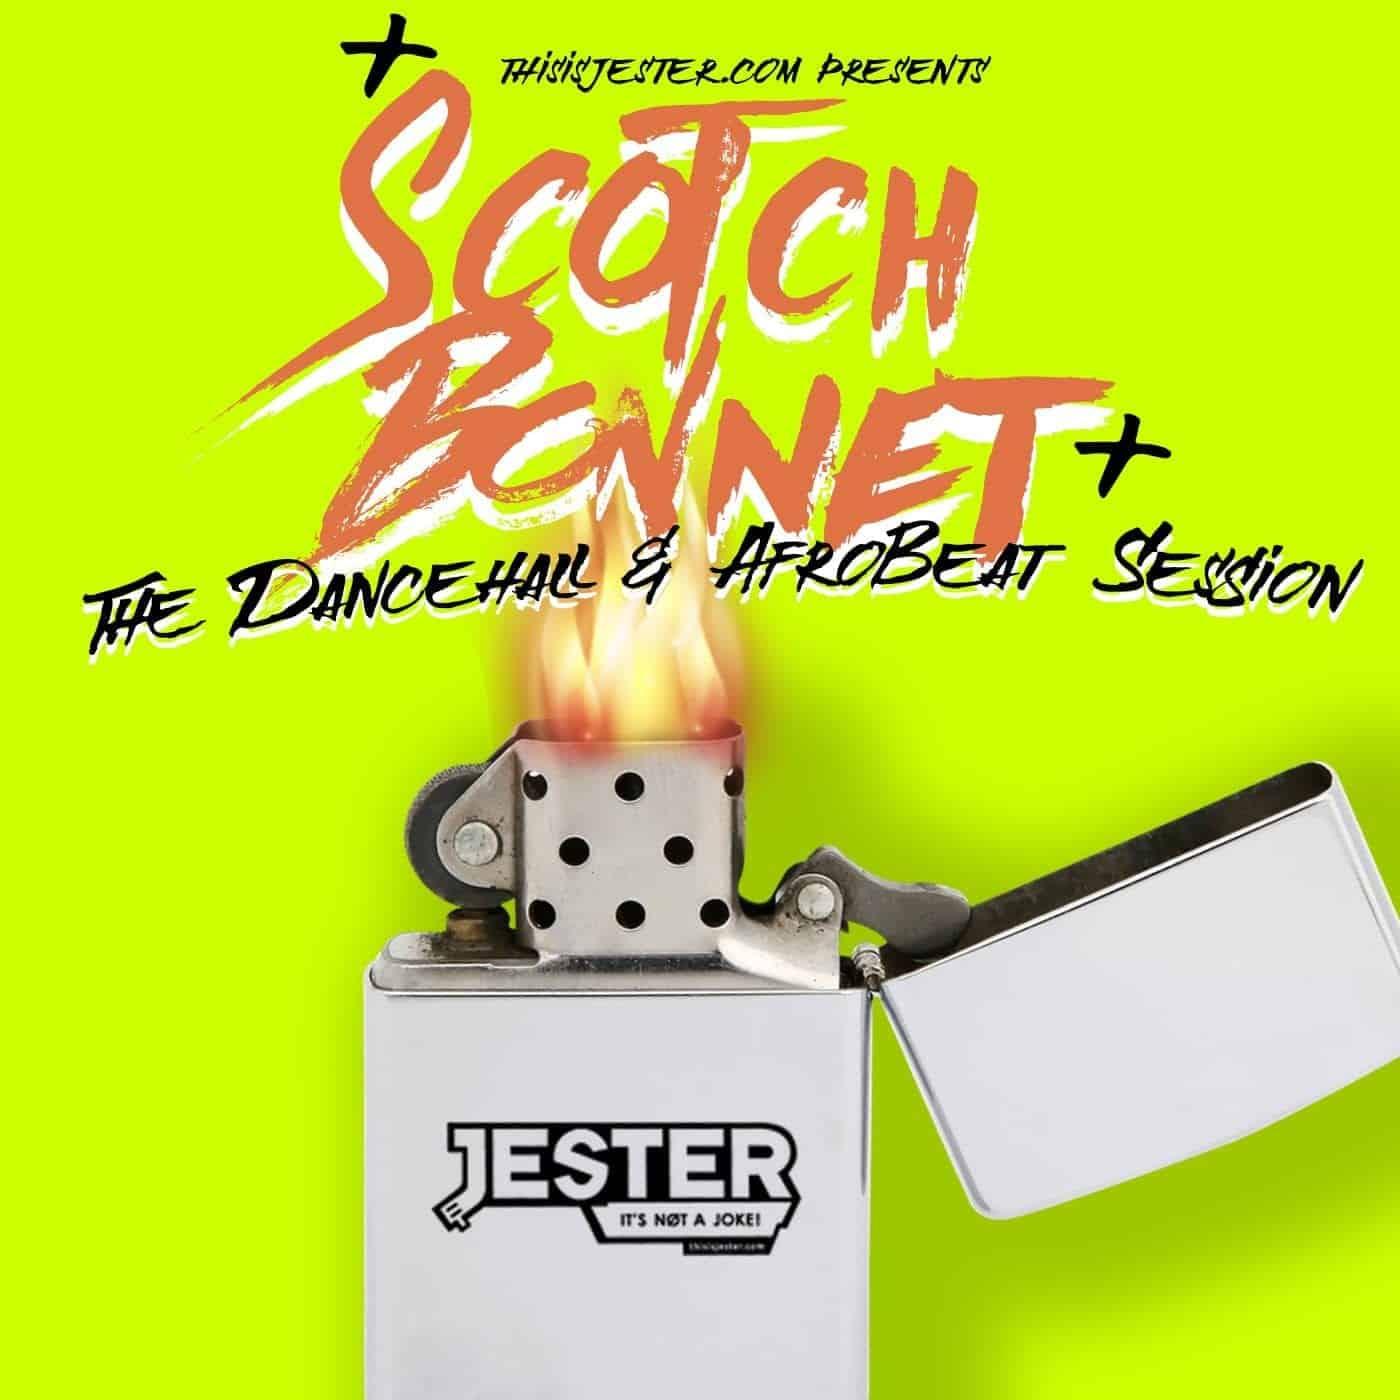 Scotch Bonnet 2017 (The Dancehall & Afrobeat Session)